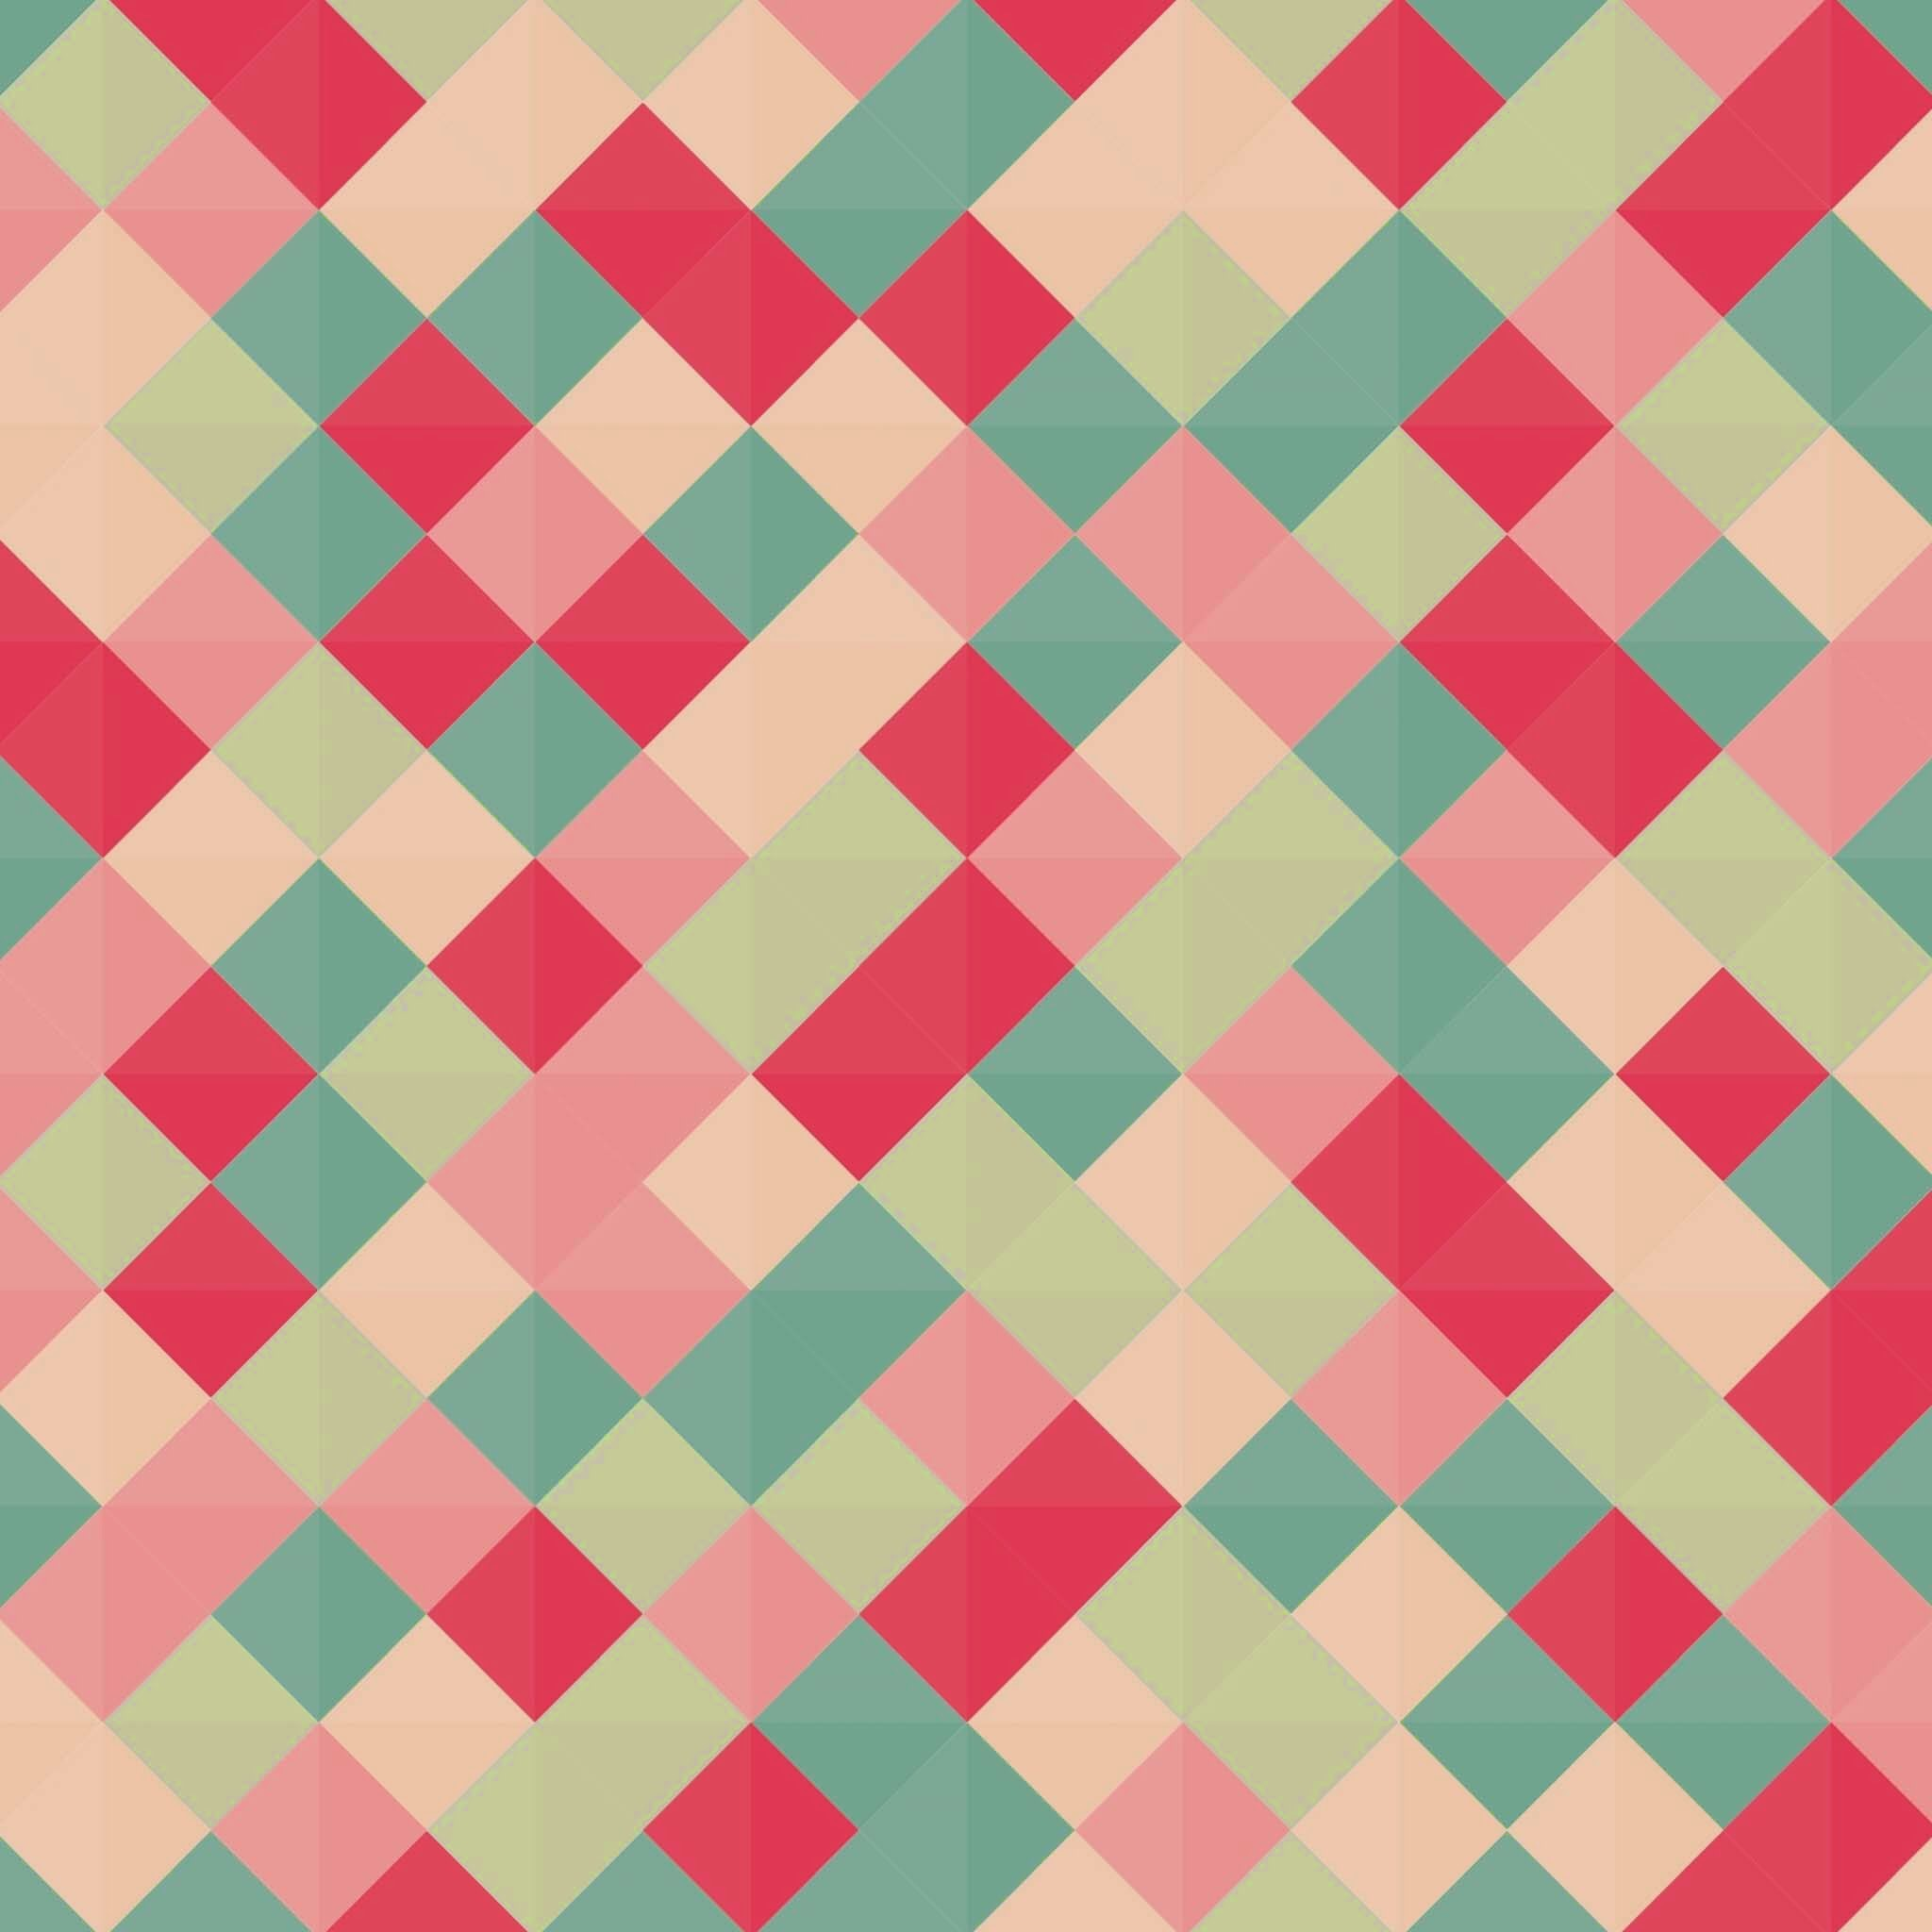 5ea91144b006 I wallpaper della domenica - Quadretti e colori - Pensaremac